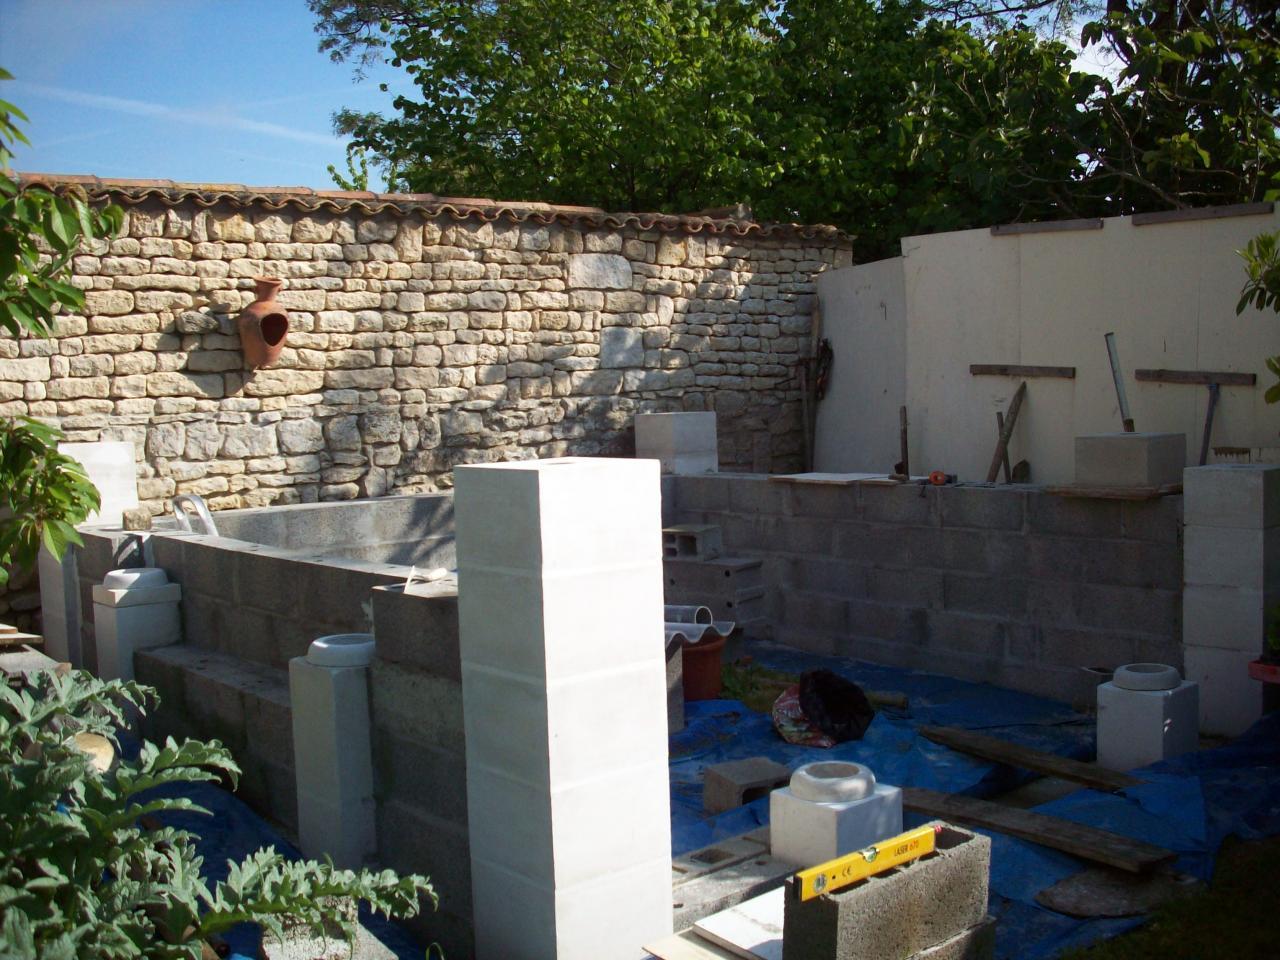 L'abri de jardin en cours de construction.